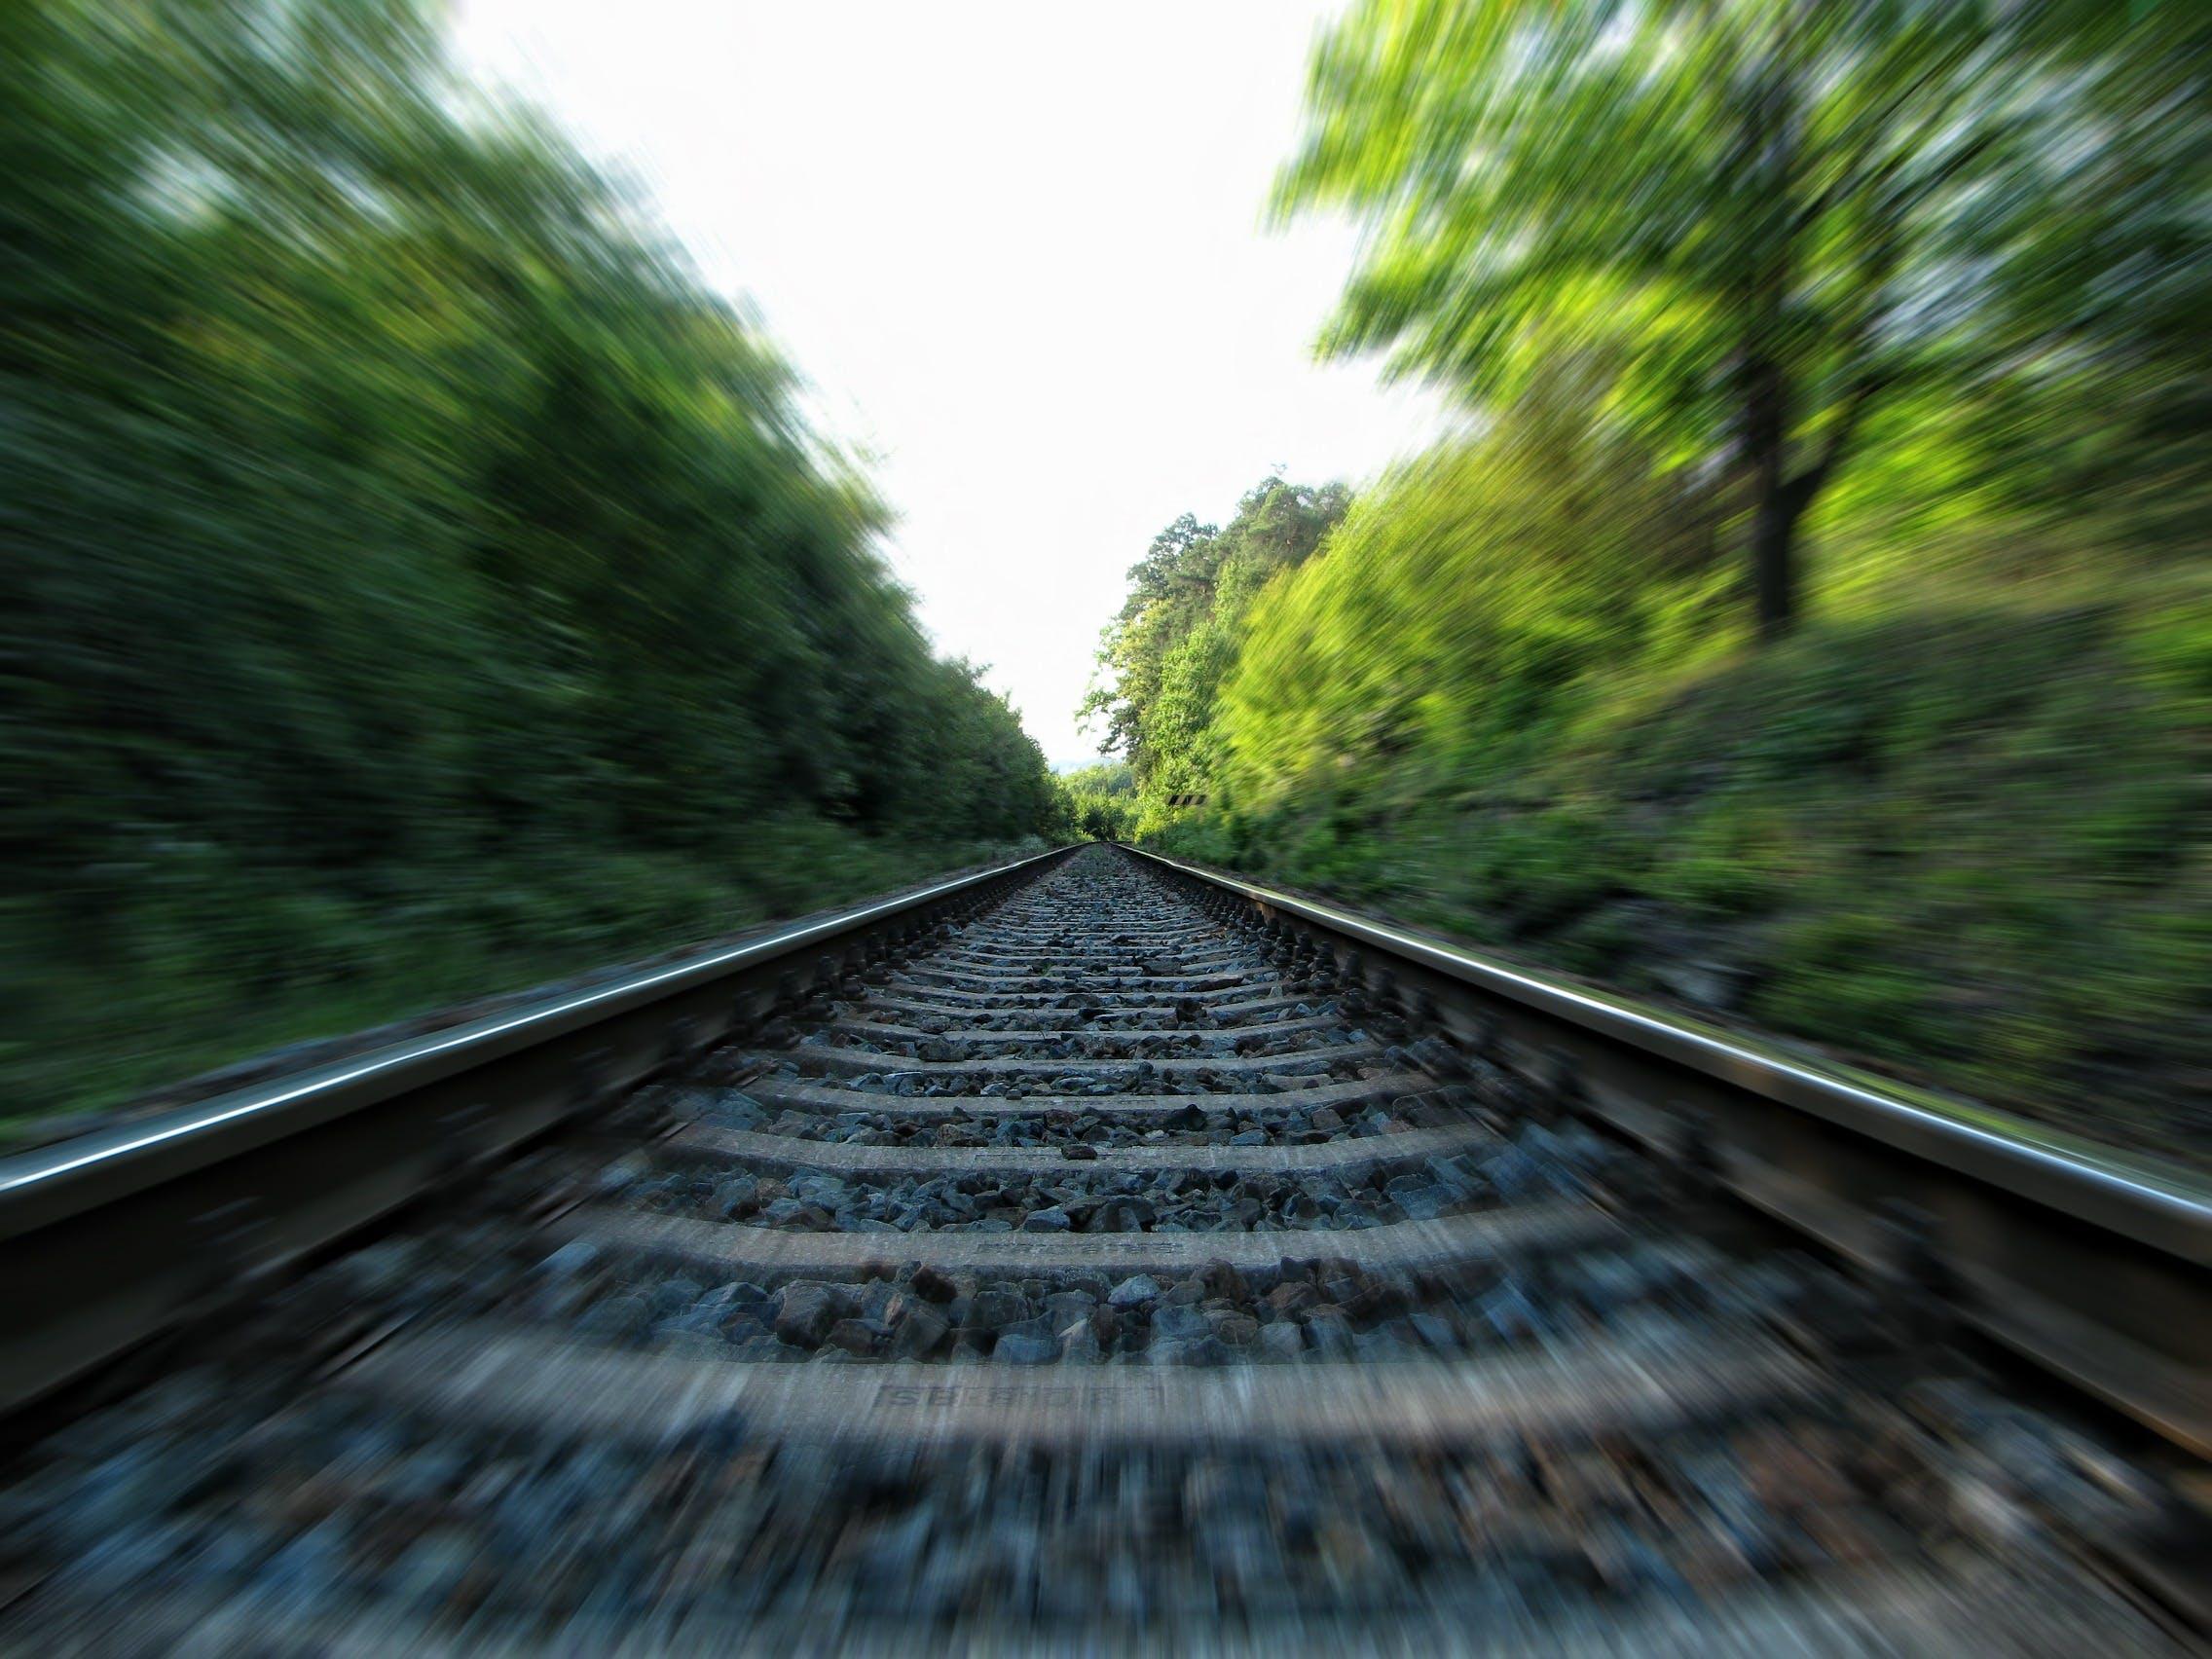 demir yolu, kayalar, korkuluklar, ray içeren Ücretsiz stok fotoğraf